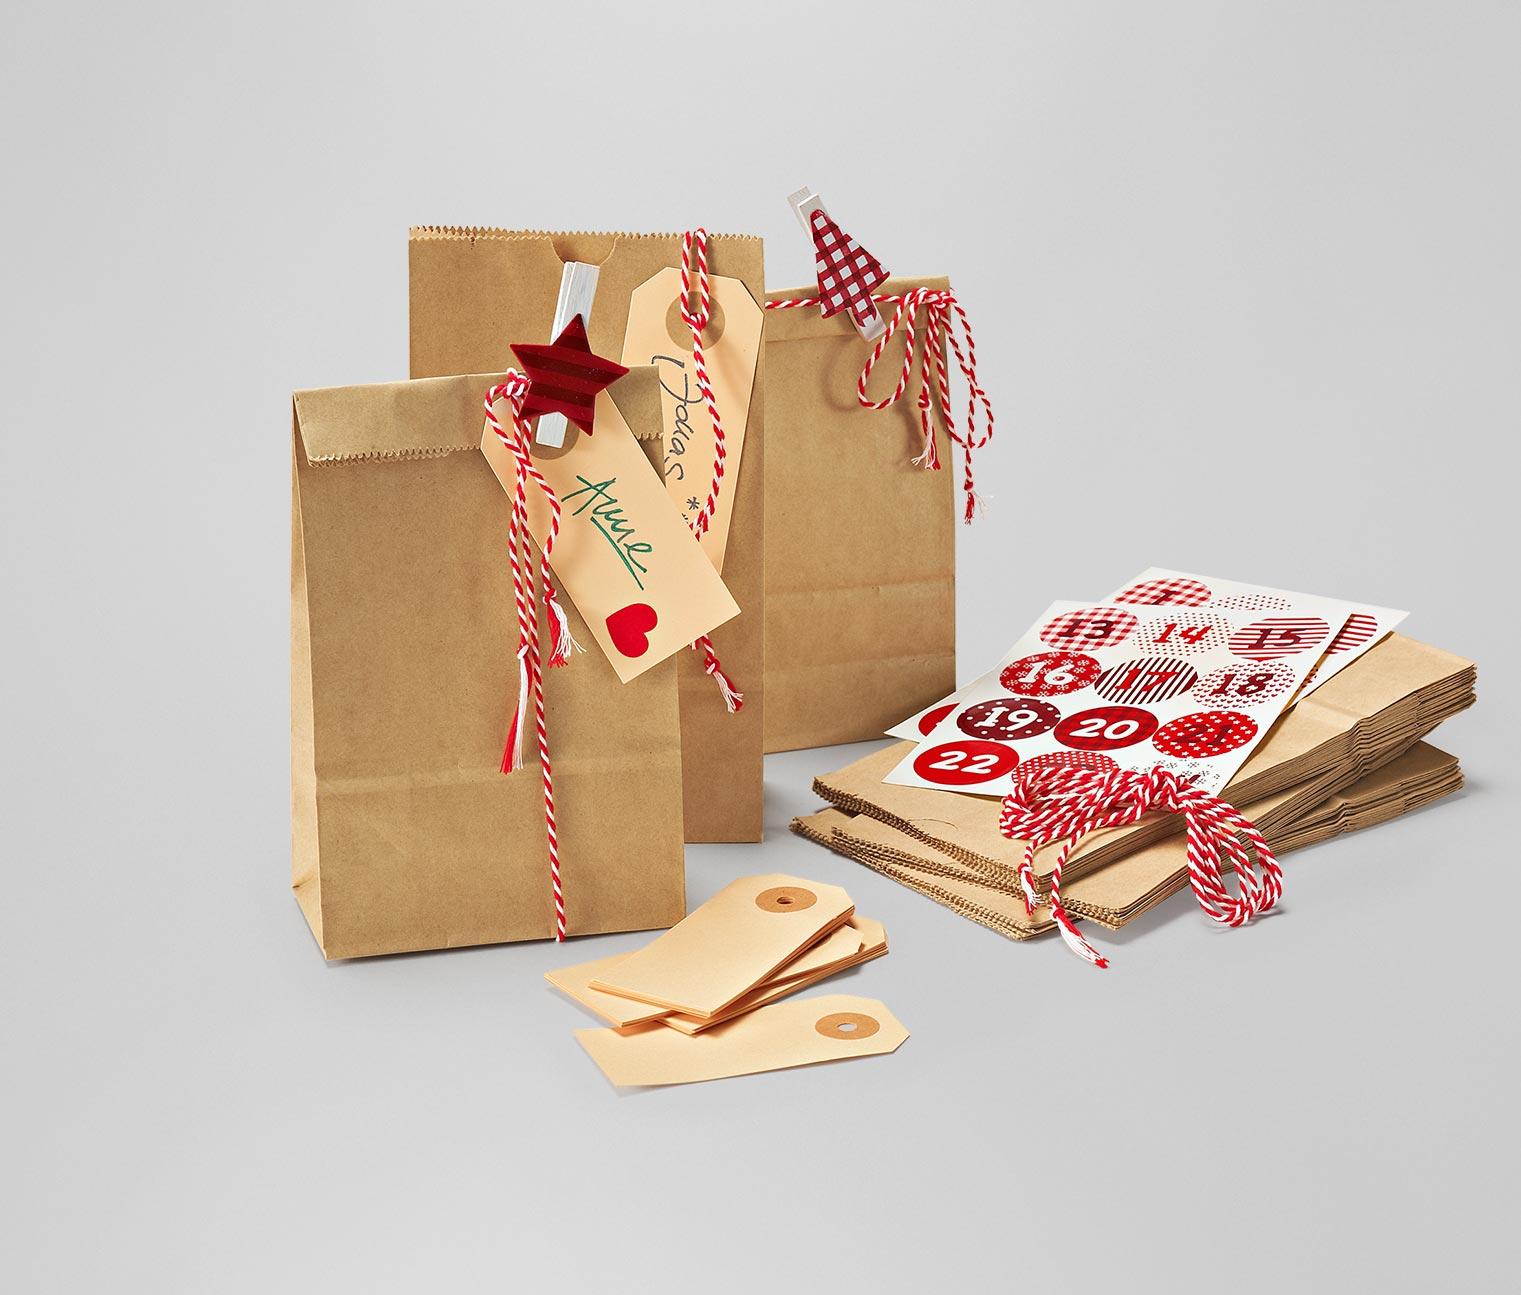 Bastelset adventskalender und weihnachten wir freuen for Bastelset weihnachten